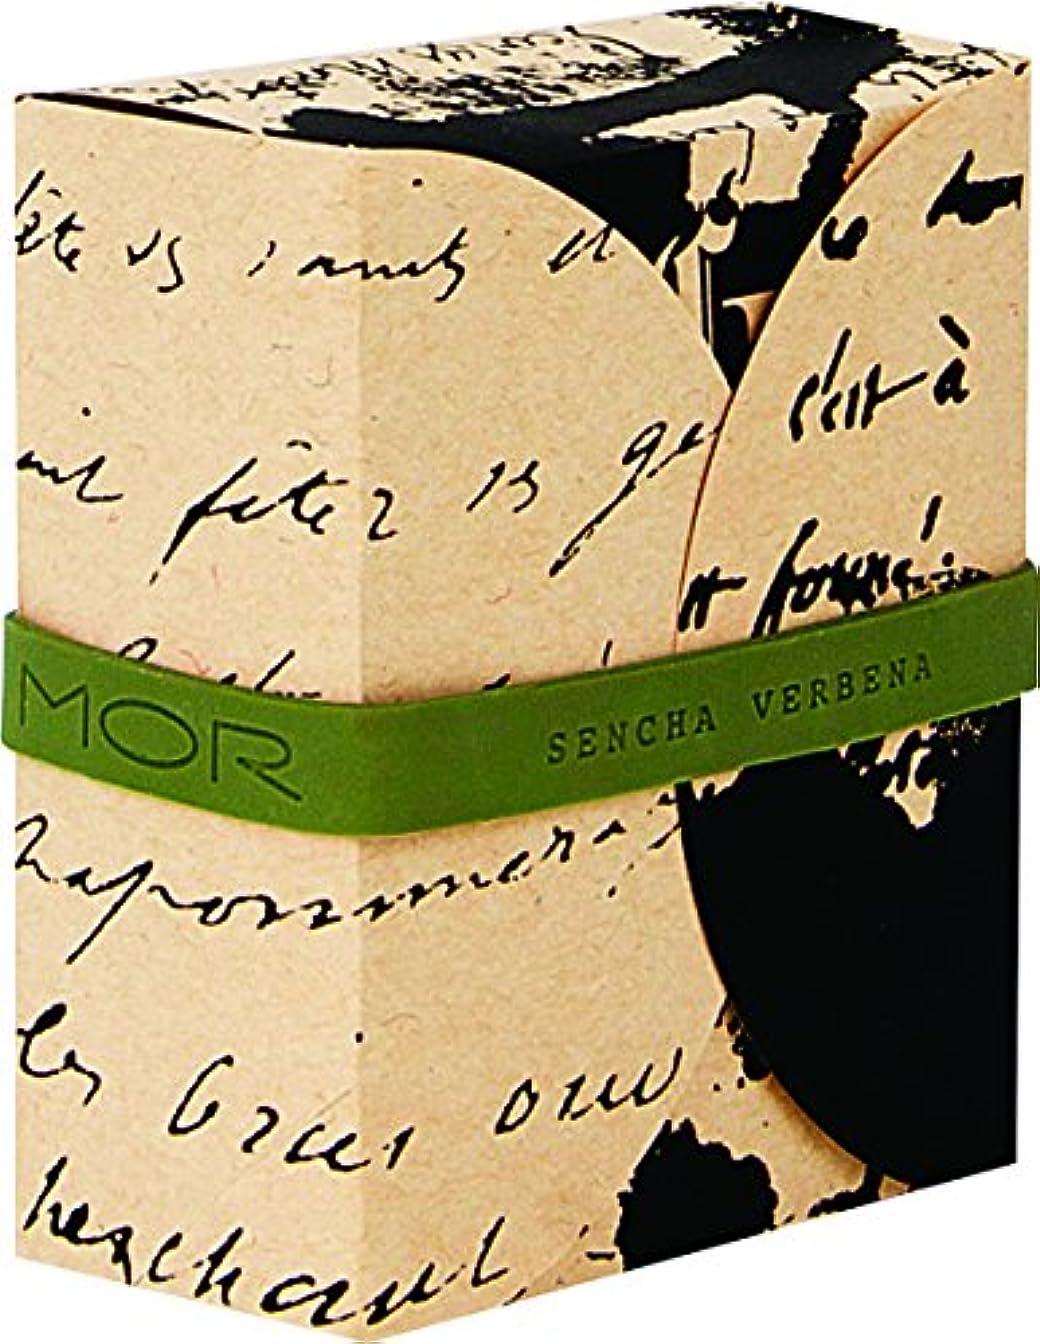 寄付混合征服者MOR(モア) コレスポンデンス トリプルミルドソープバー センチャバーベナ 180g